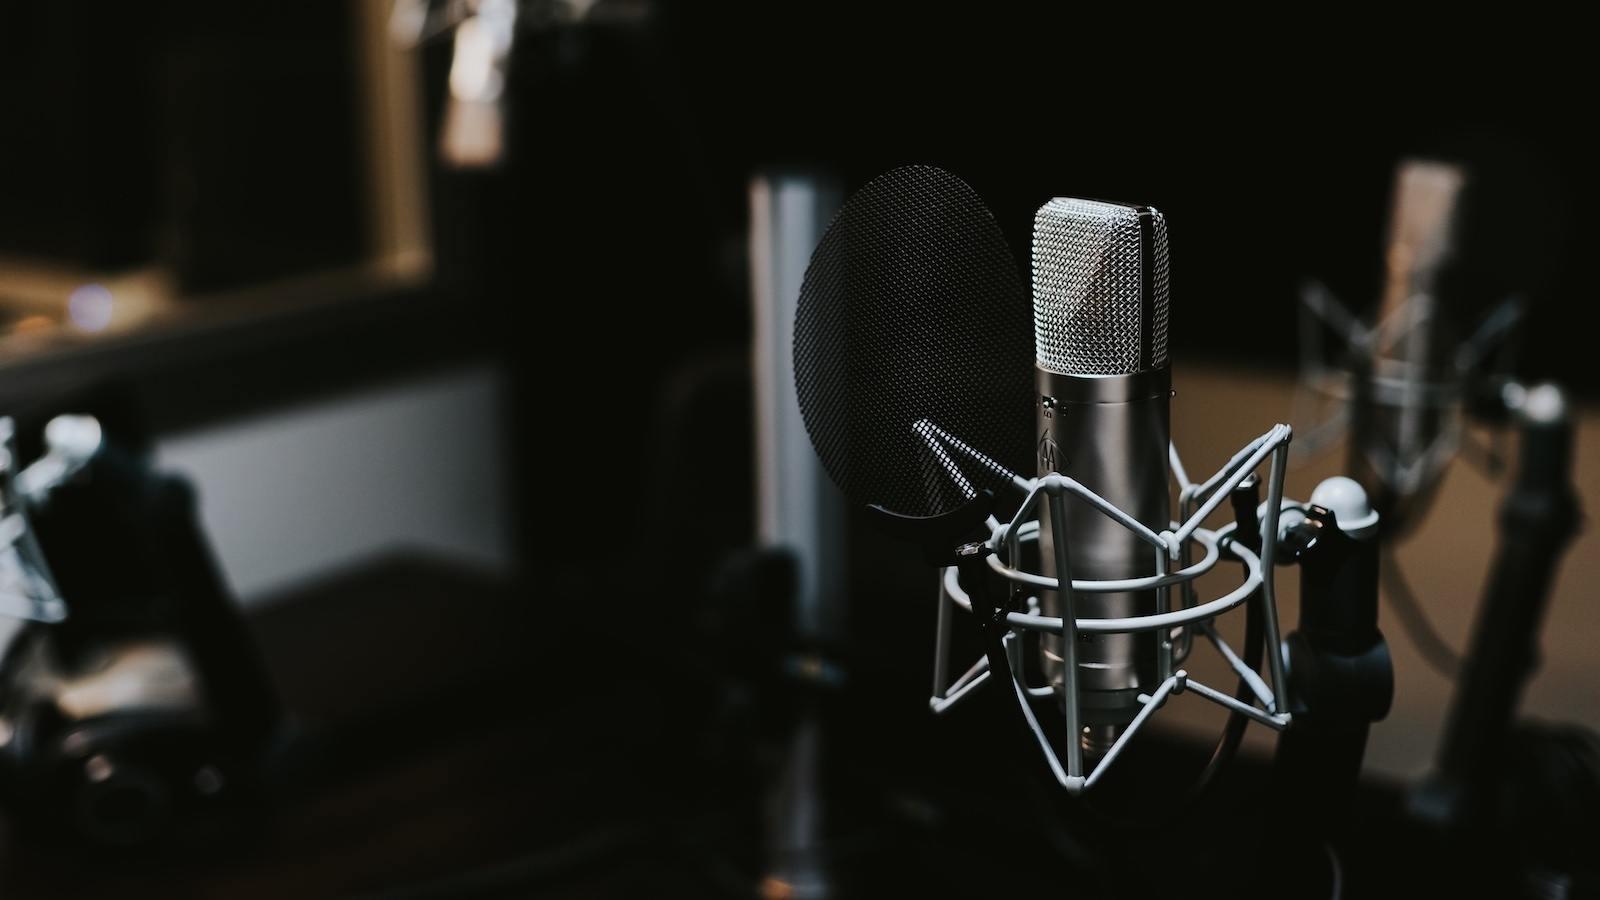 Using Divi's Audio Module with SoundCloud